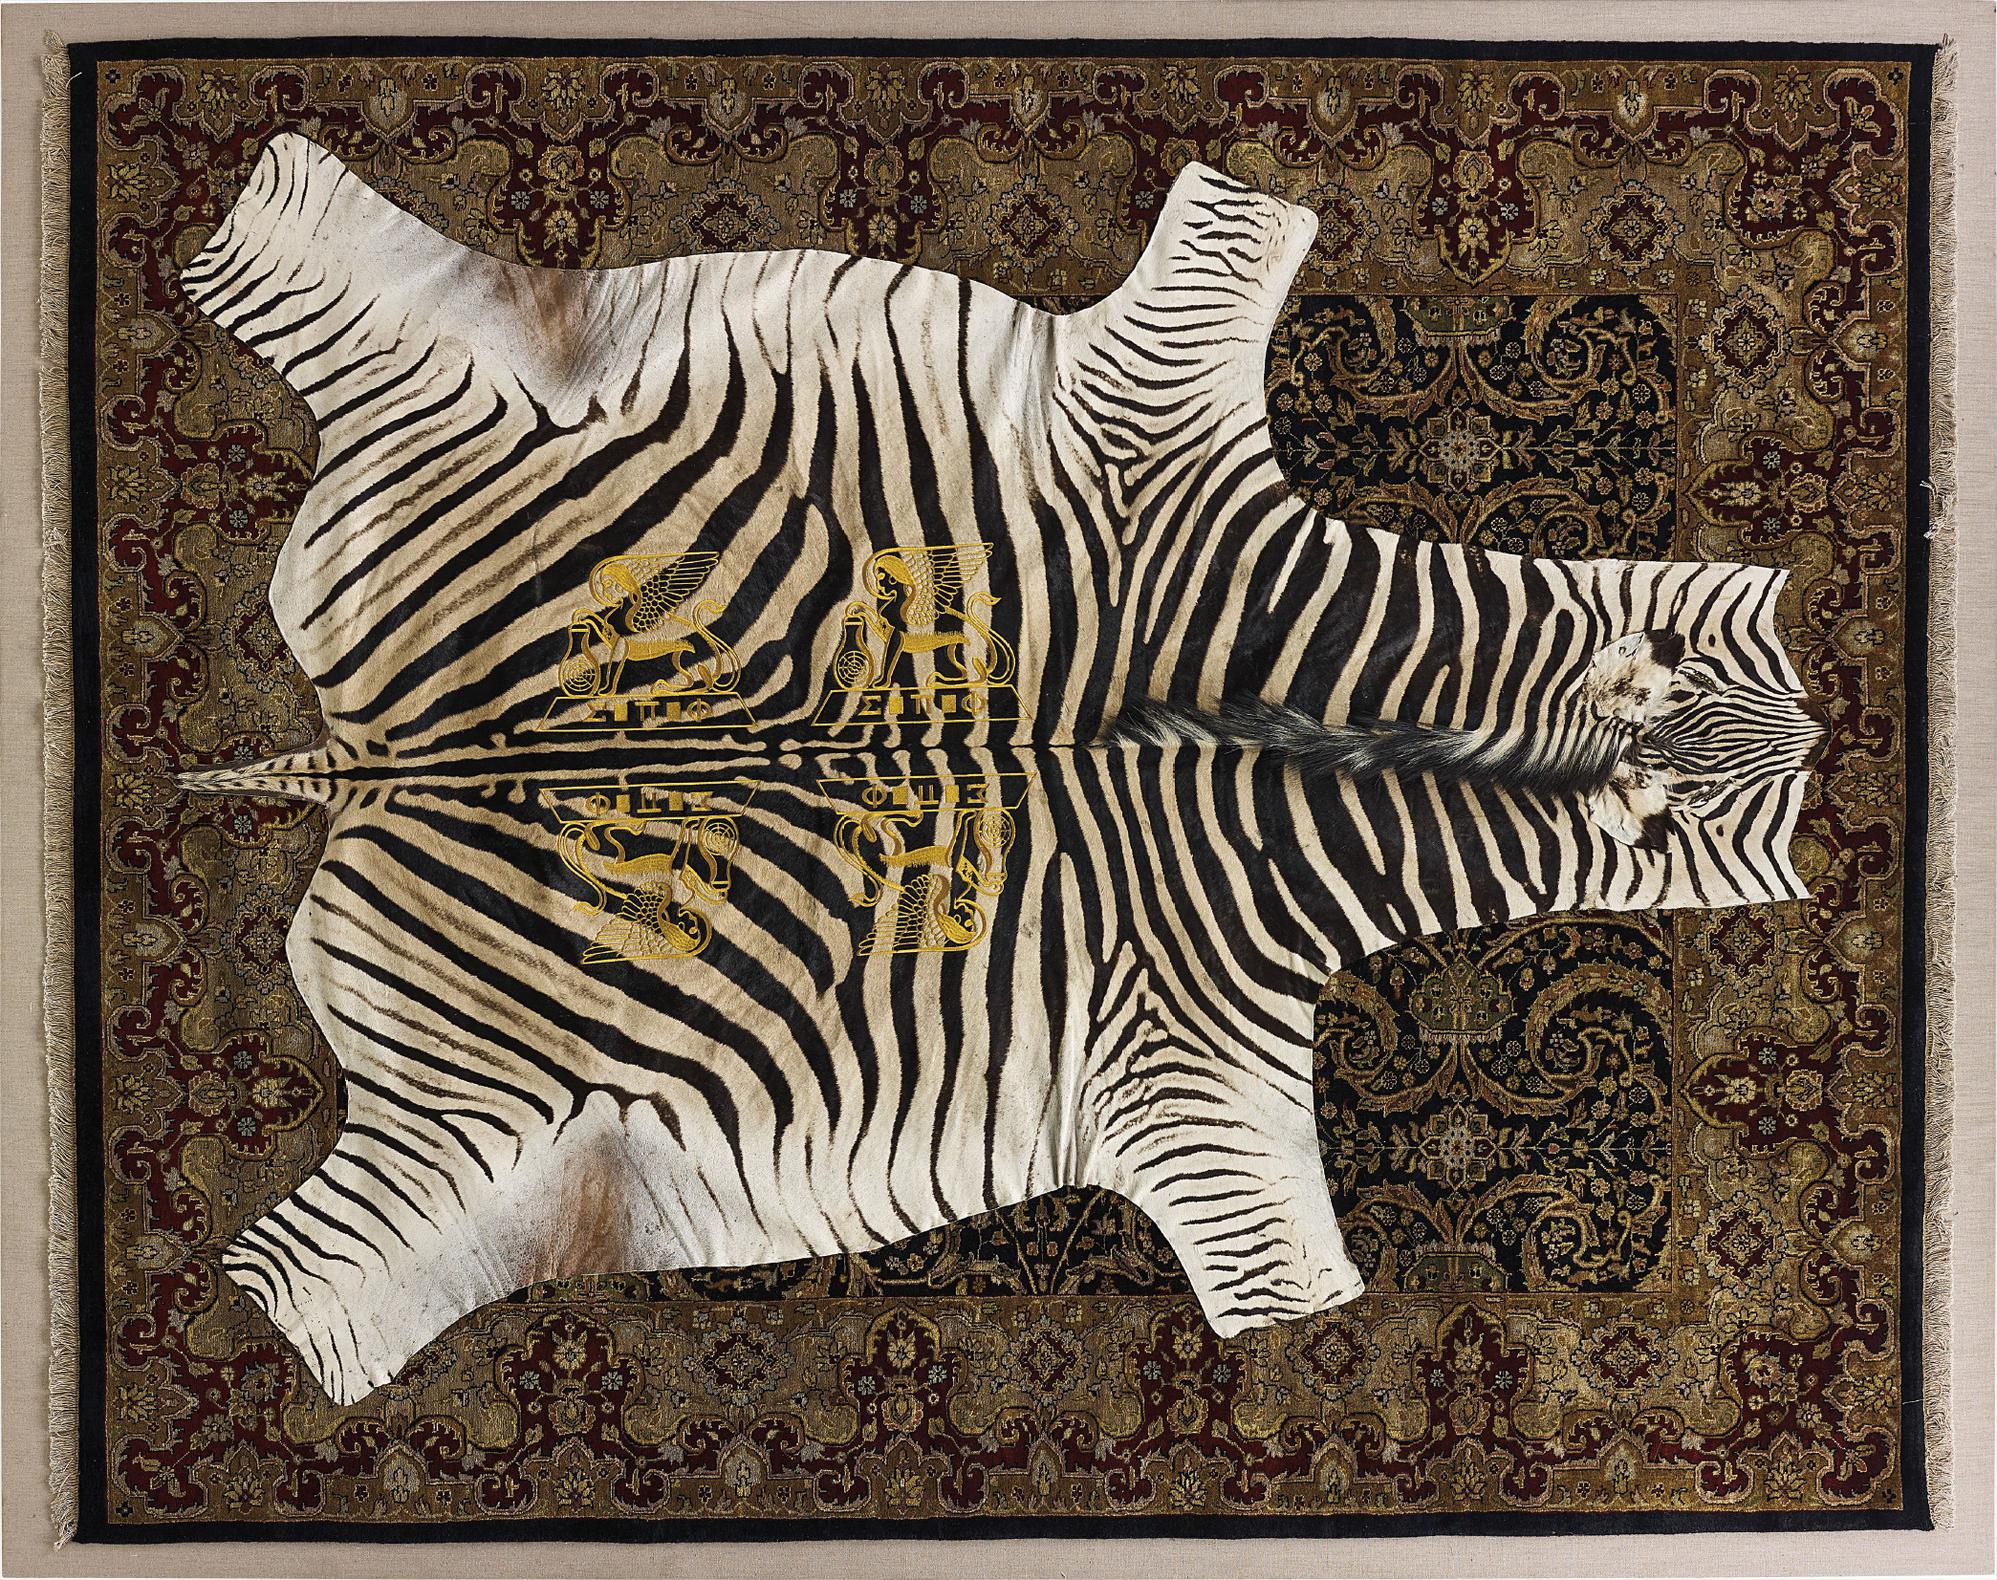 Rashid Johnson-Two Rugs-2010